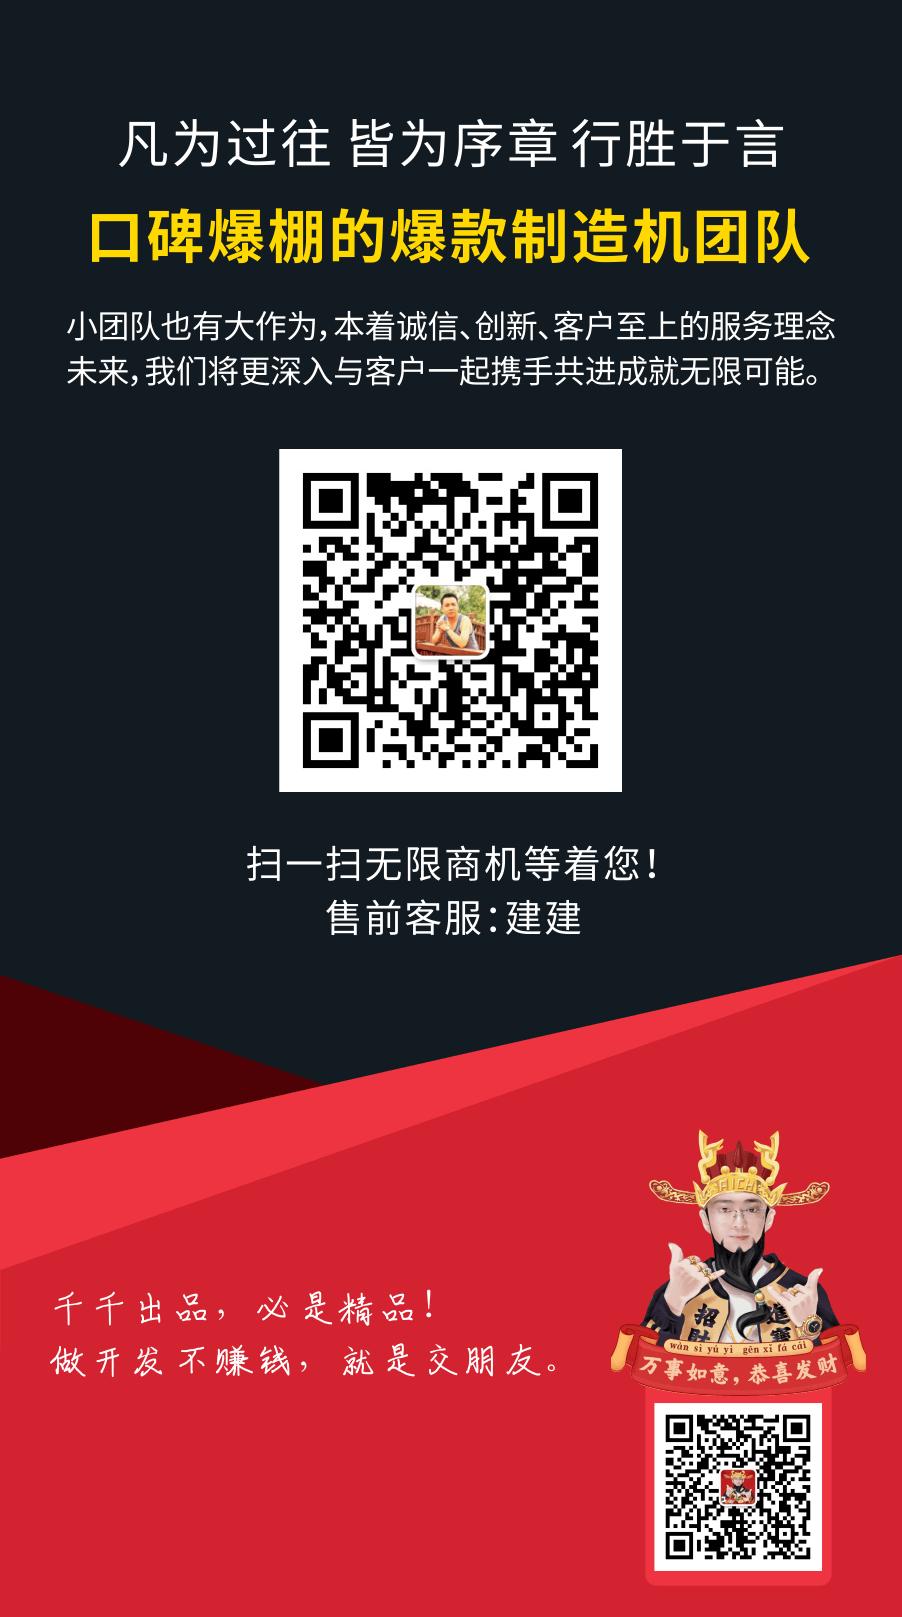 疯狂霸屏海报图_04.png